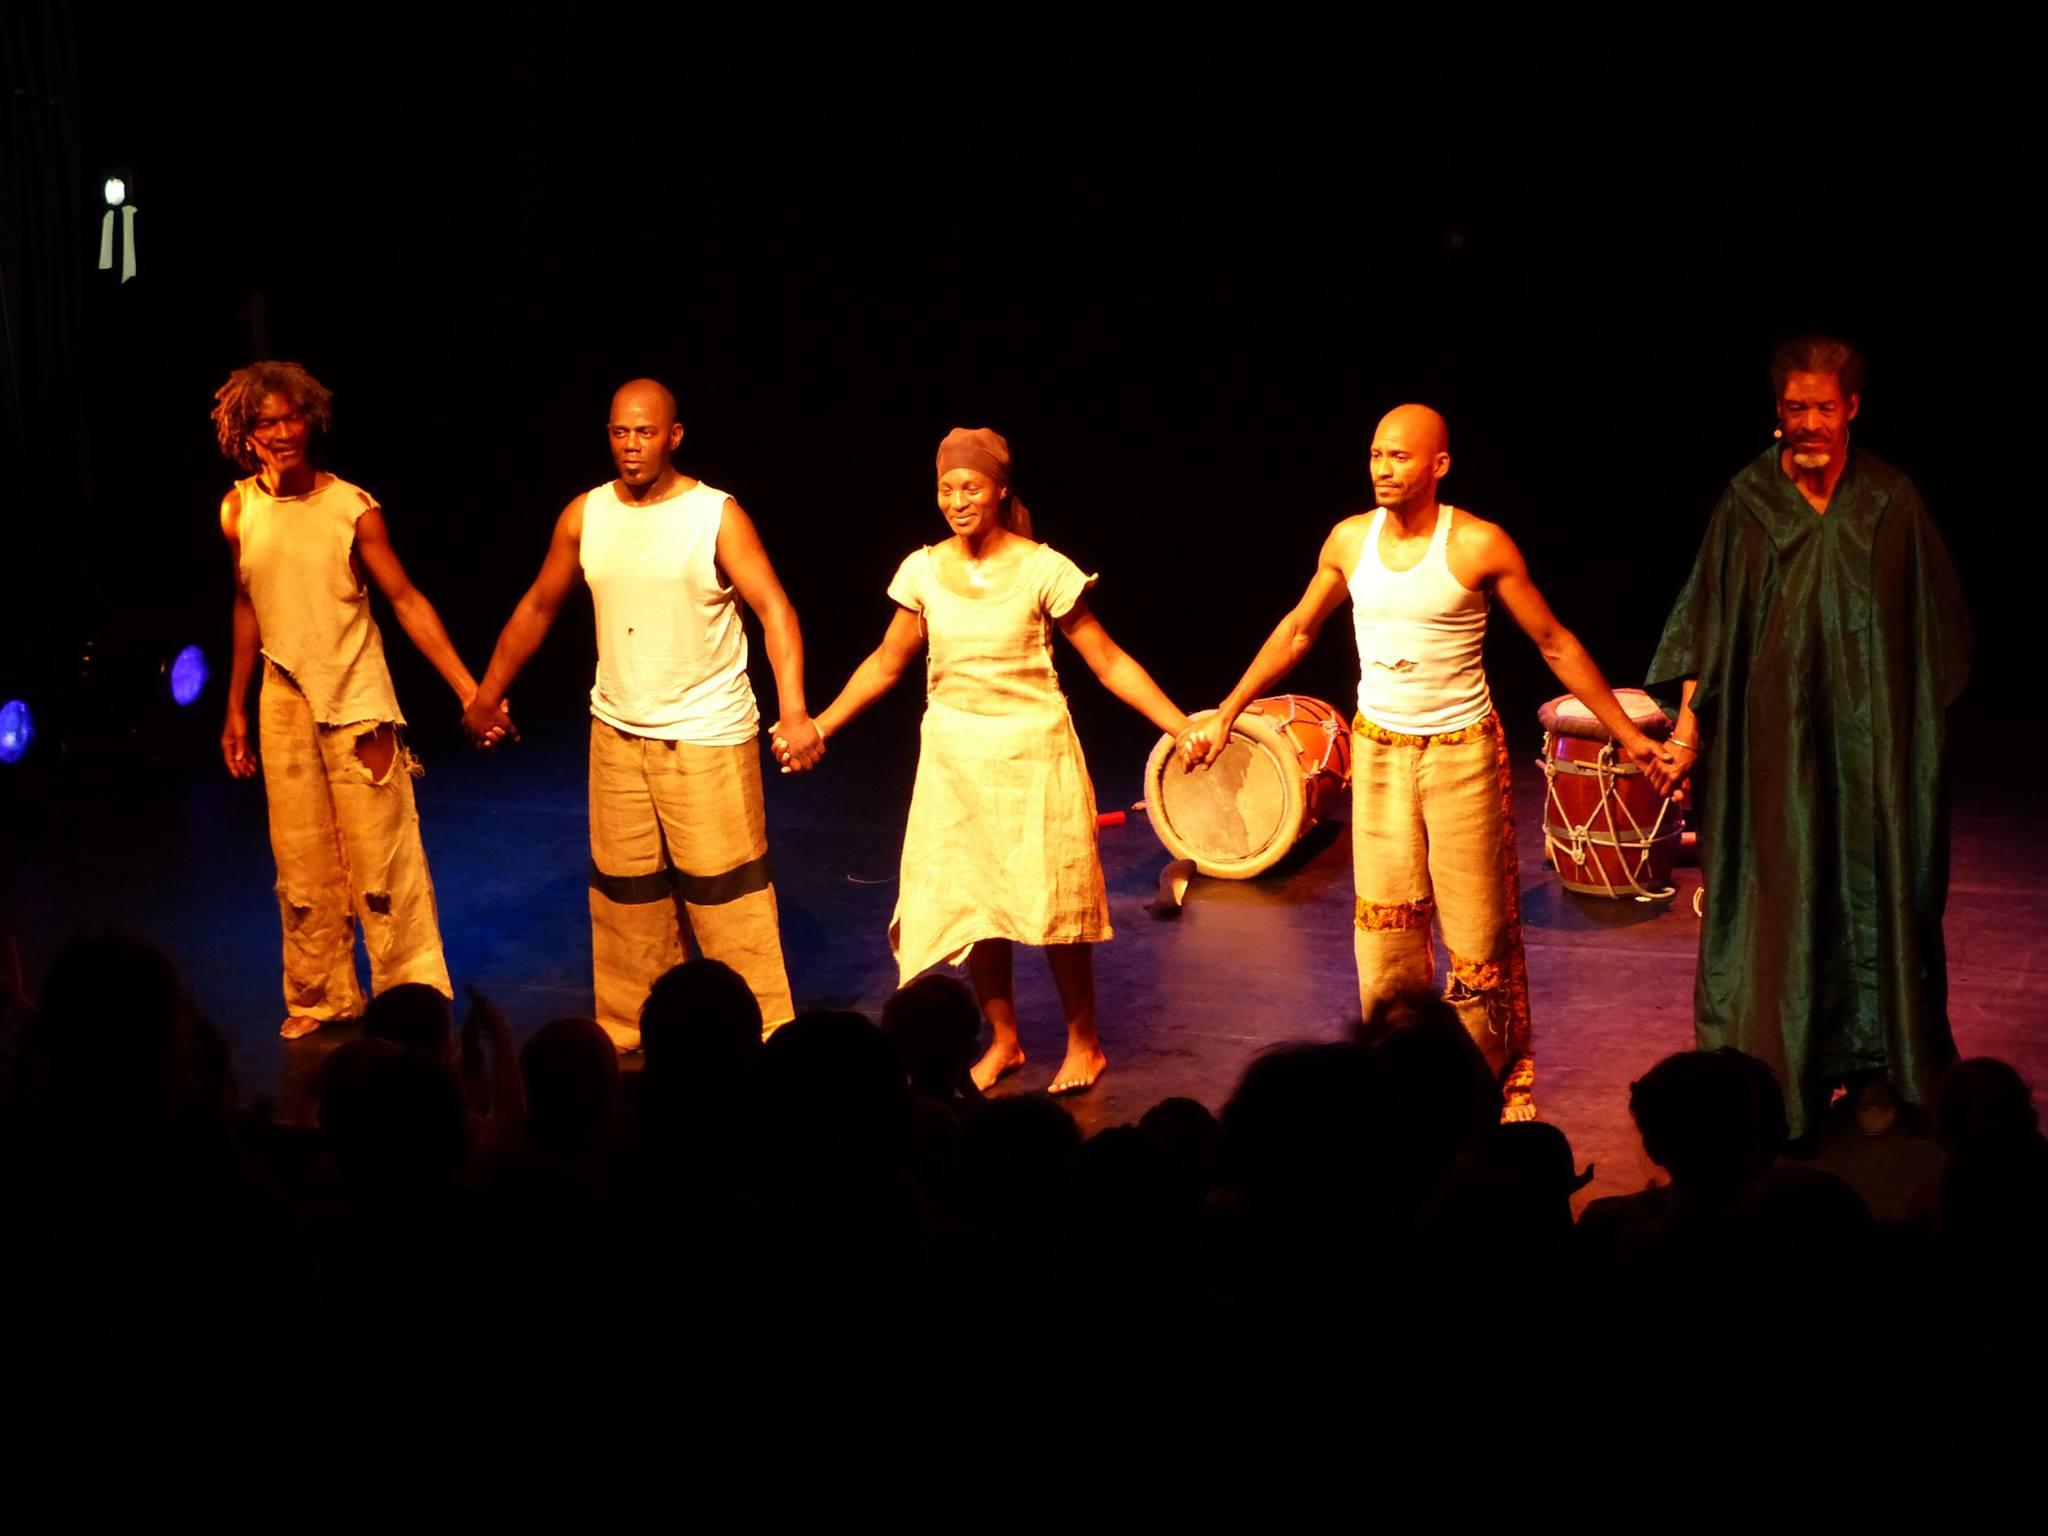 cie-boukousou-waka-douvan-jou-cite-musique-marseille-salut-public-36